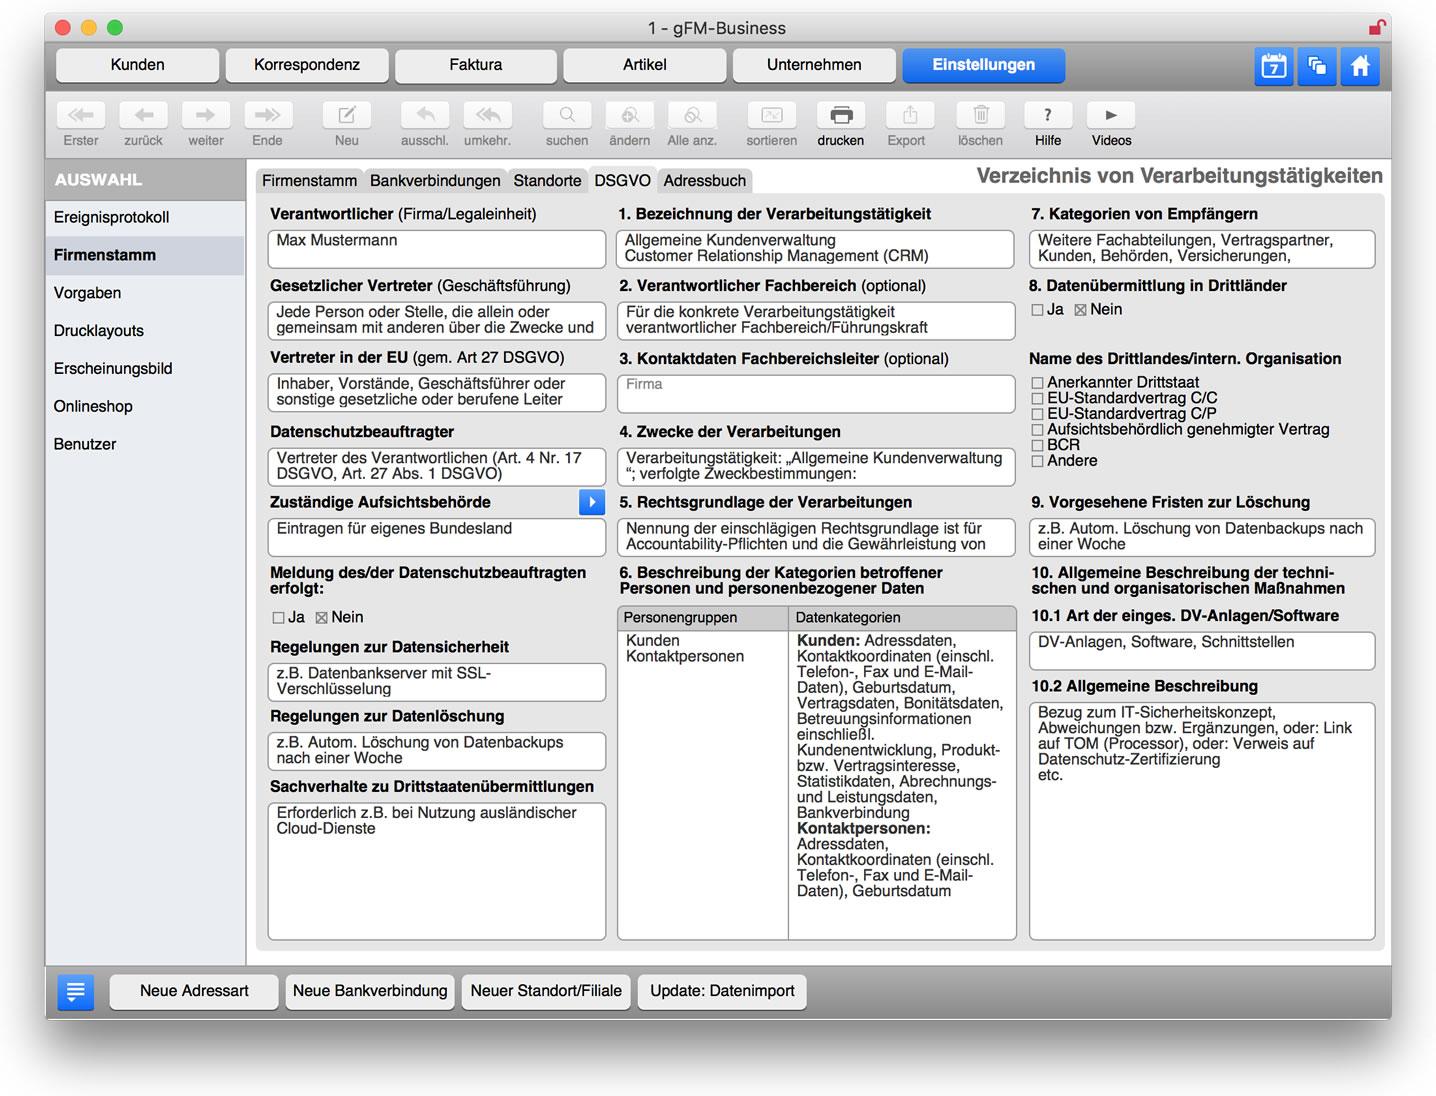 DSGVO: Verzeichnis von Verarbeitungstätigkeiten